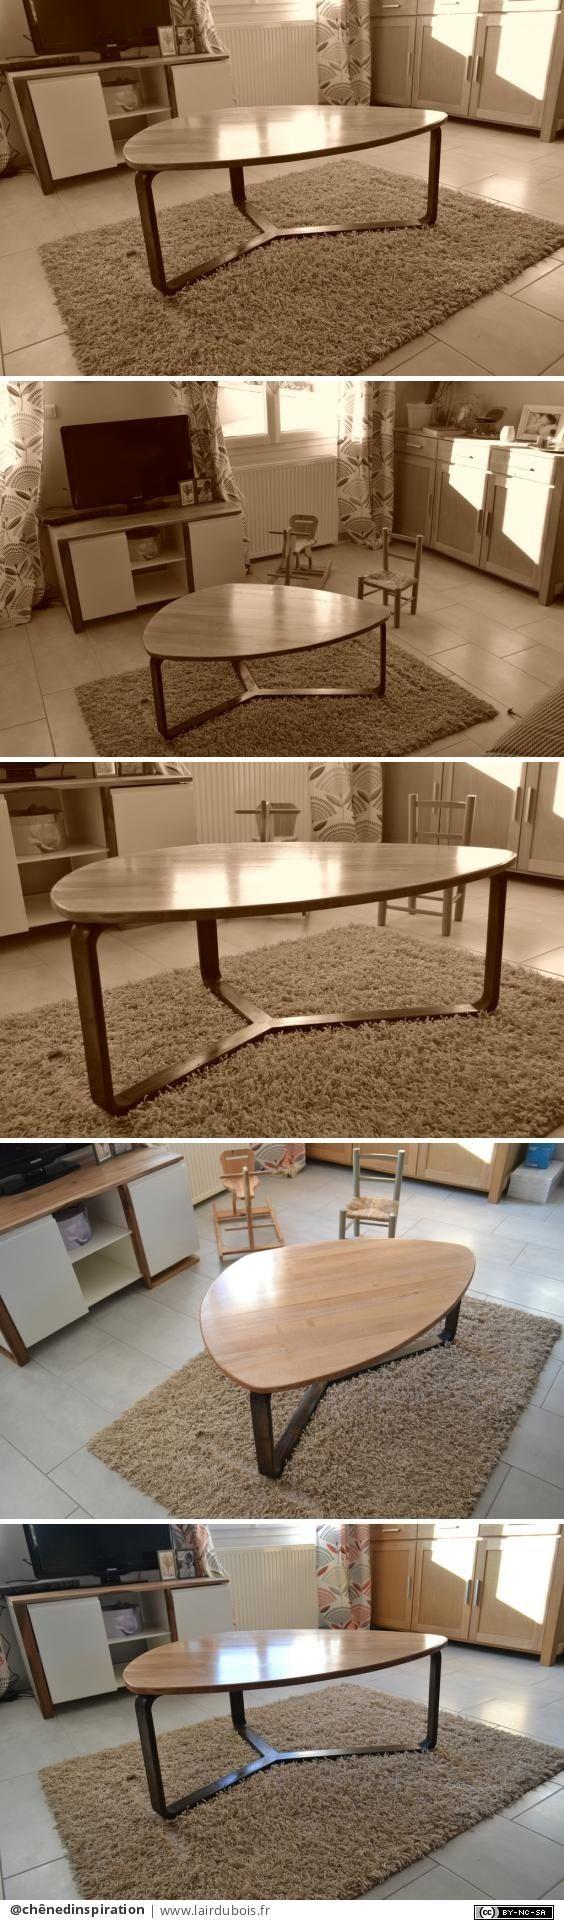 1000 id es propos de plateau pour table basse sur for Table basse trois pieds